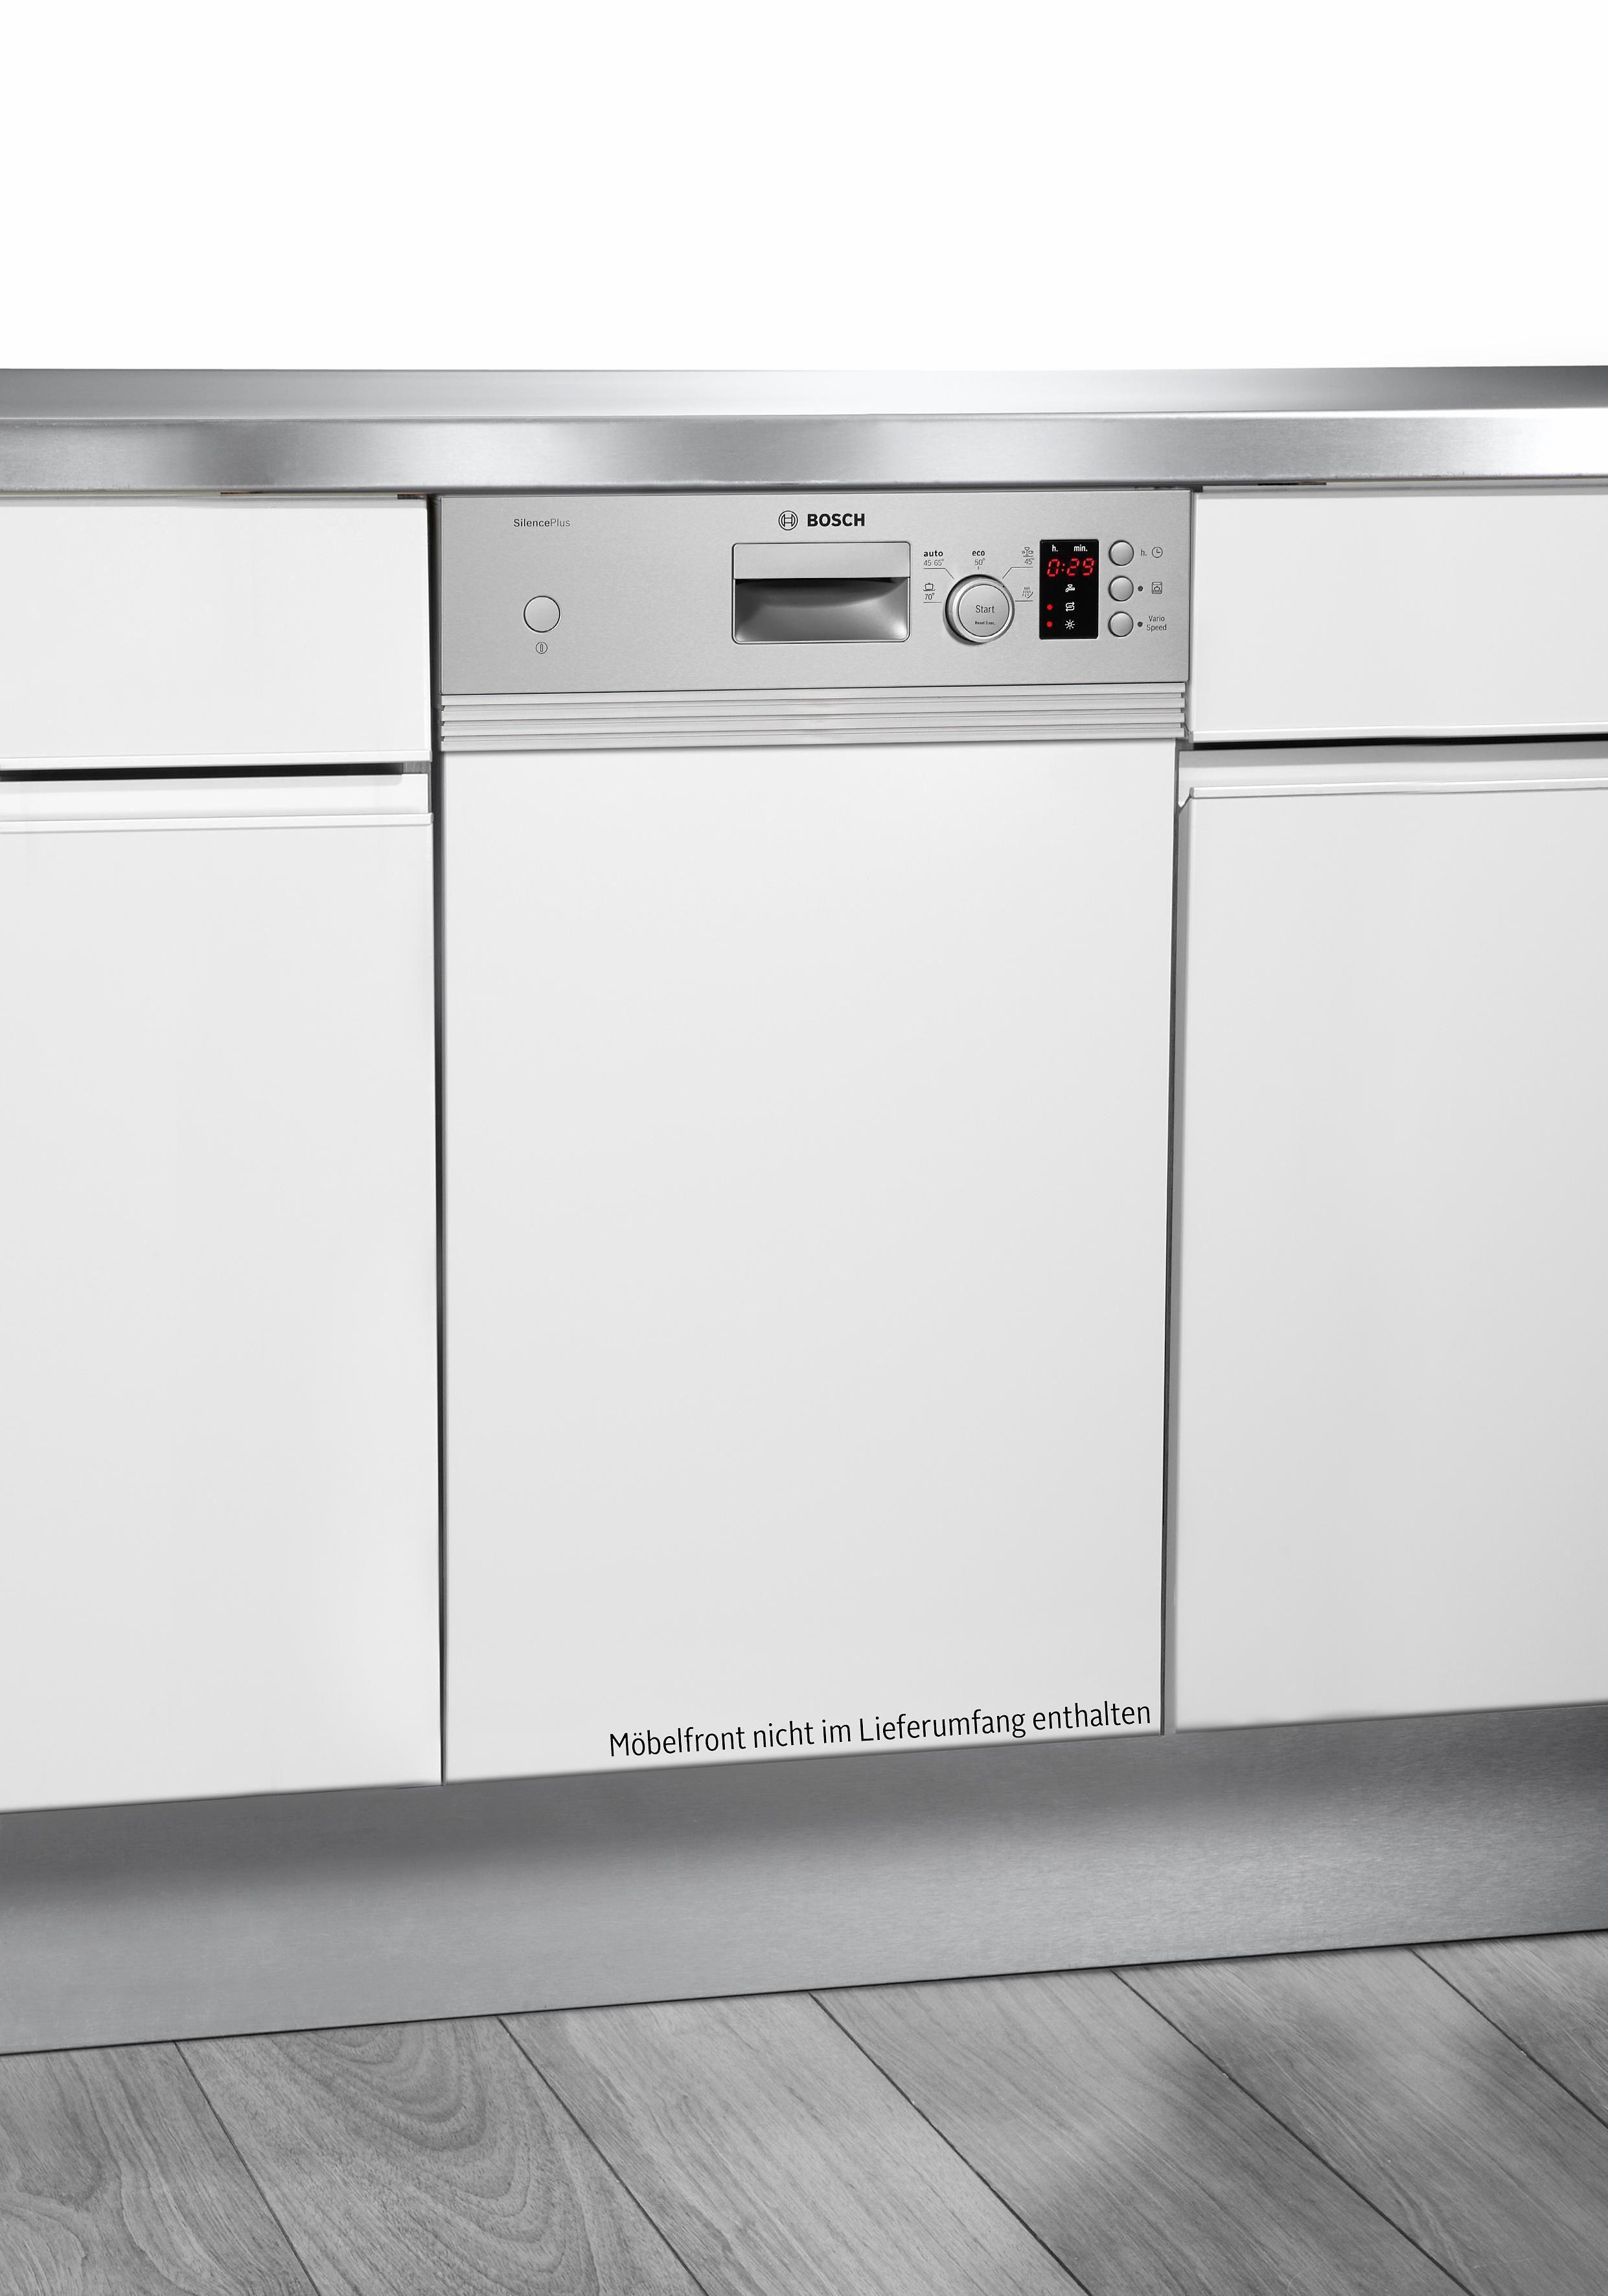 BOSCH Teilintegrierbarer Geschirrspüler Serie 4 SPI50E94EU braun, A+, 9,5 Liter, 9 Maßgedecke